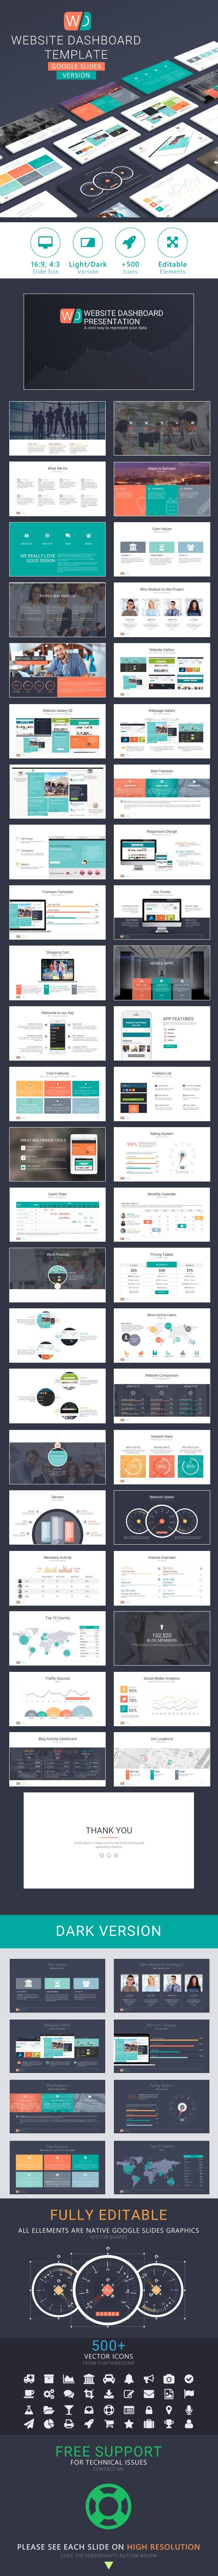 Website Dashboard Google Slides Presentation - Google Slides Presentation Templates